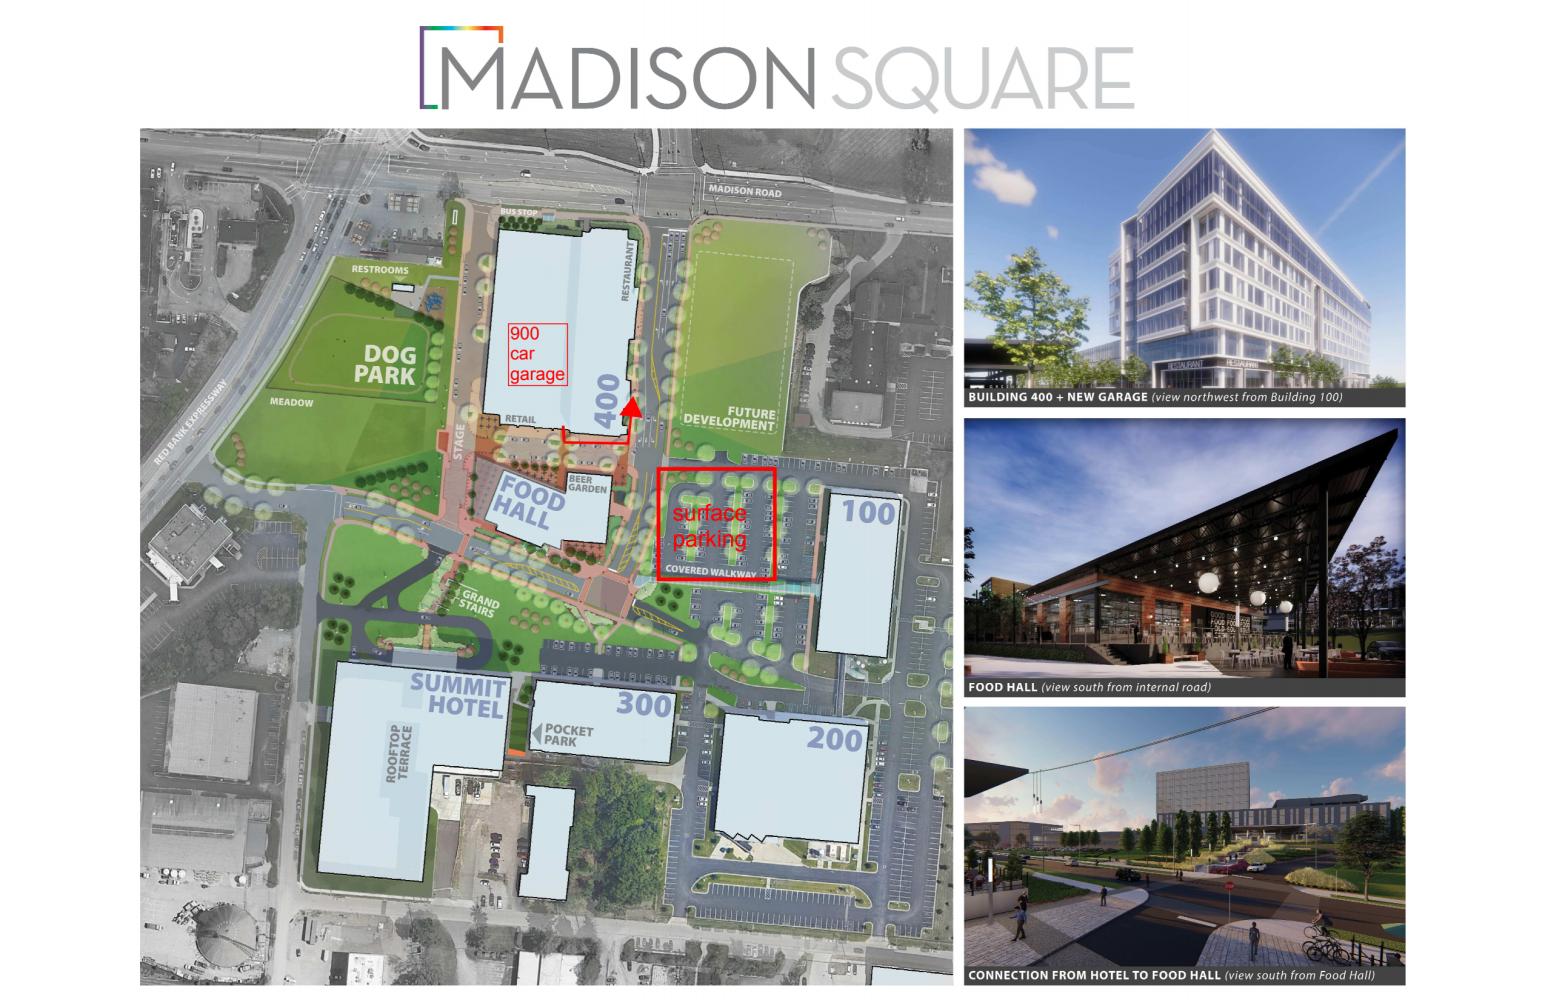 Retail Cincinnati, 45227-1539 - Medpace - Madison Square